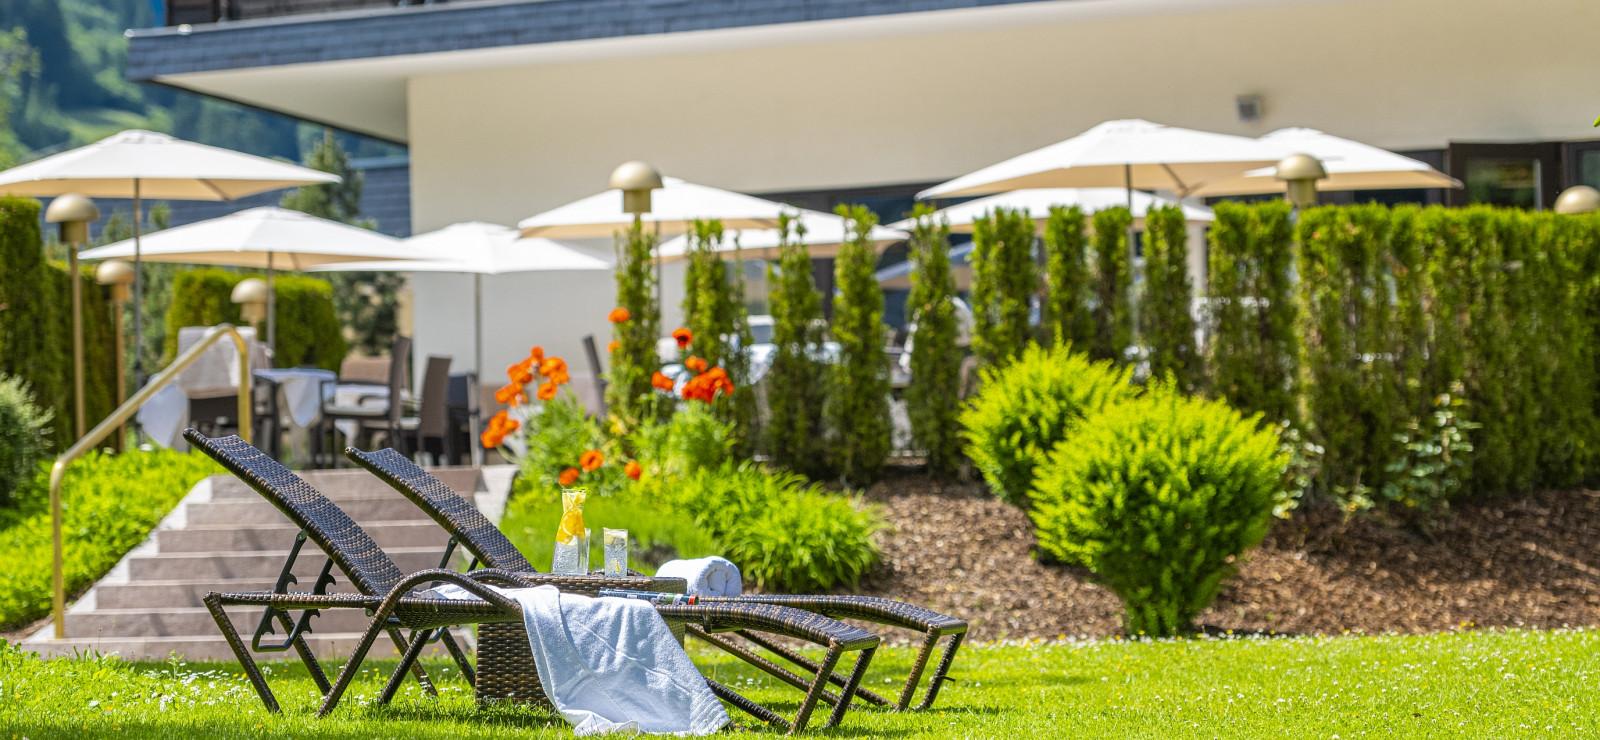 CESTA GRAND Aktivhotel & Spa Bilder | Bild 1